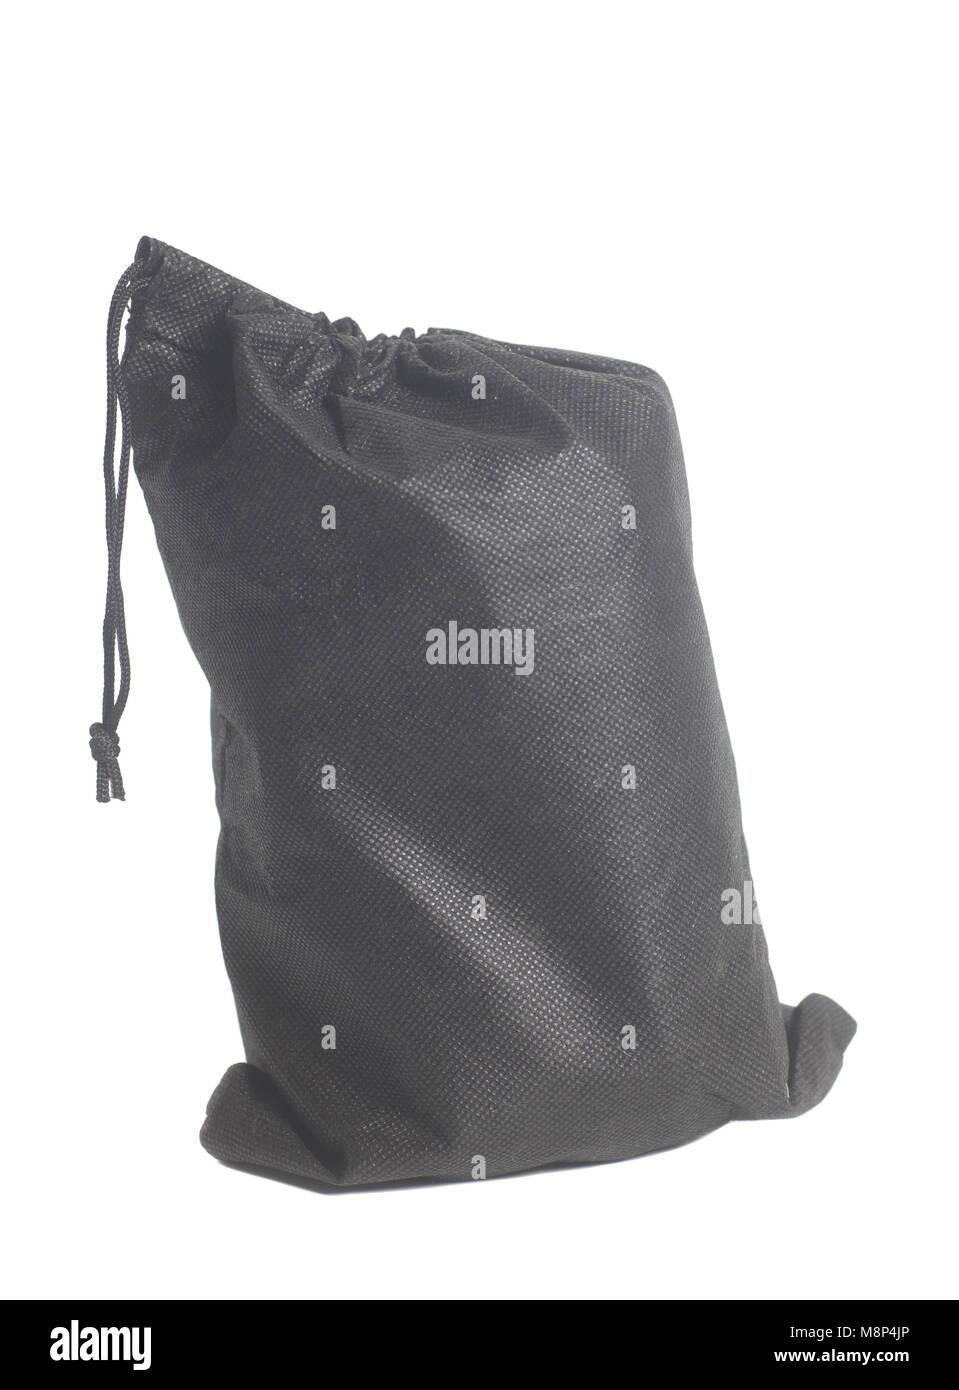 bd2a3d09babc6 Schwarzer Stofftasche isoliert auf weißem Hintergrund Stockfoto ...